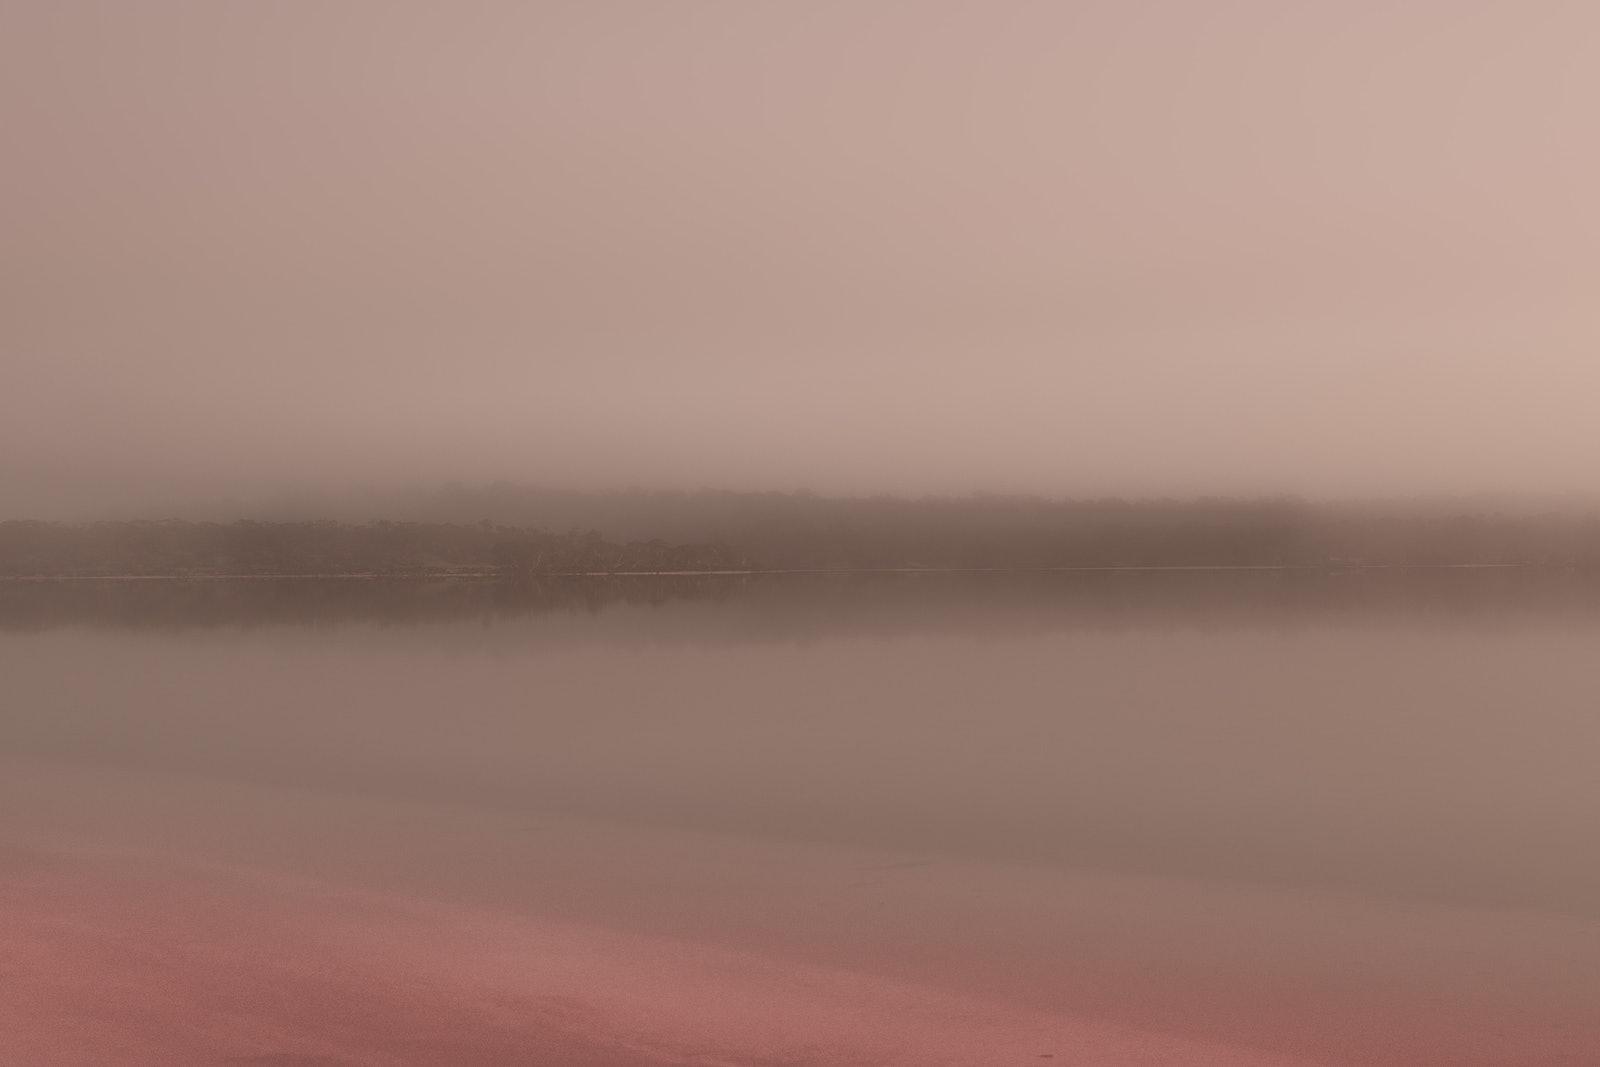 IMGZ0925 - Fog over the salt lake